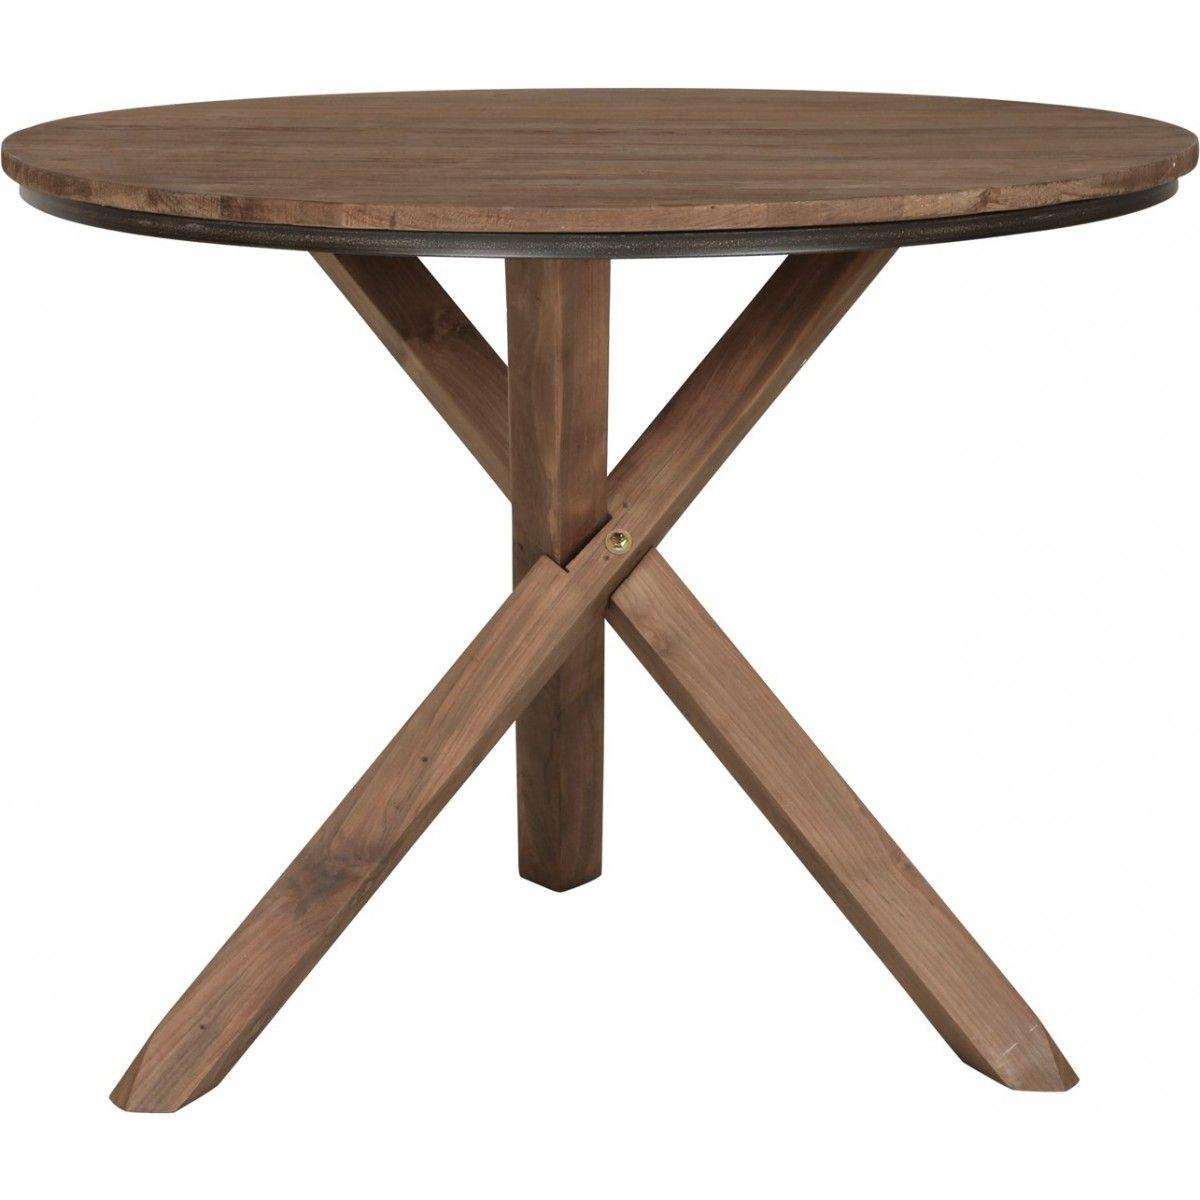 Runder Tisch Holz Massiv Esstisch Rund Tisch Im Landhausstil